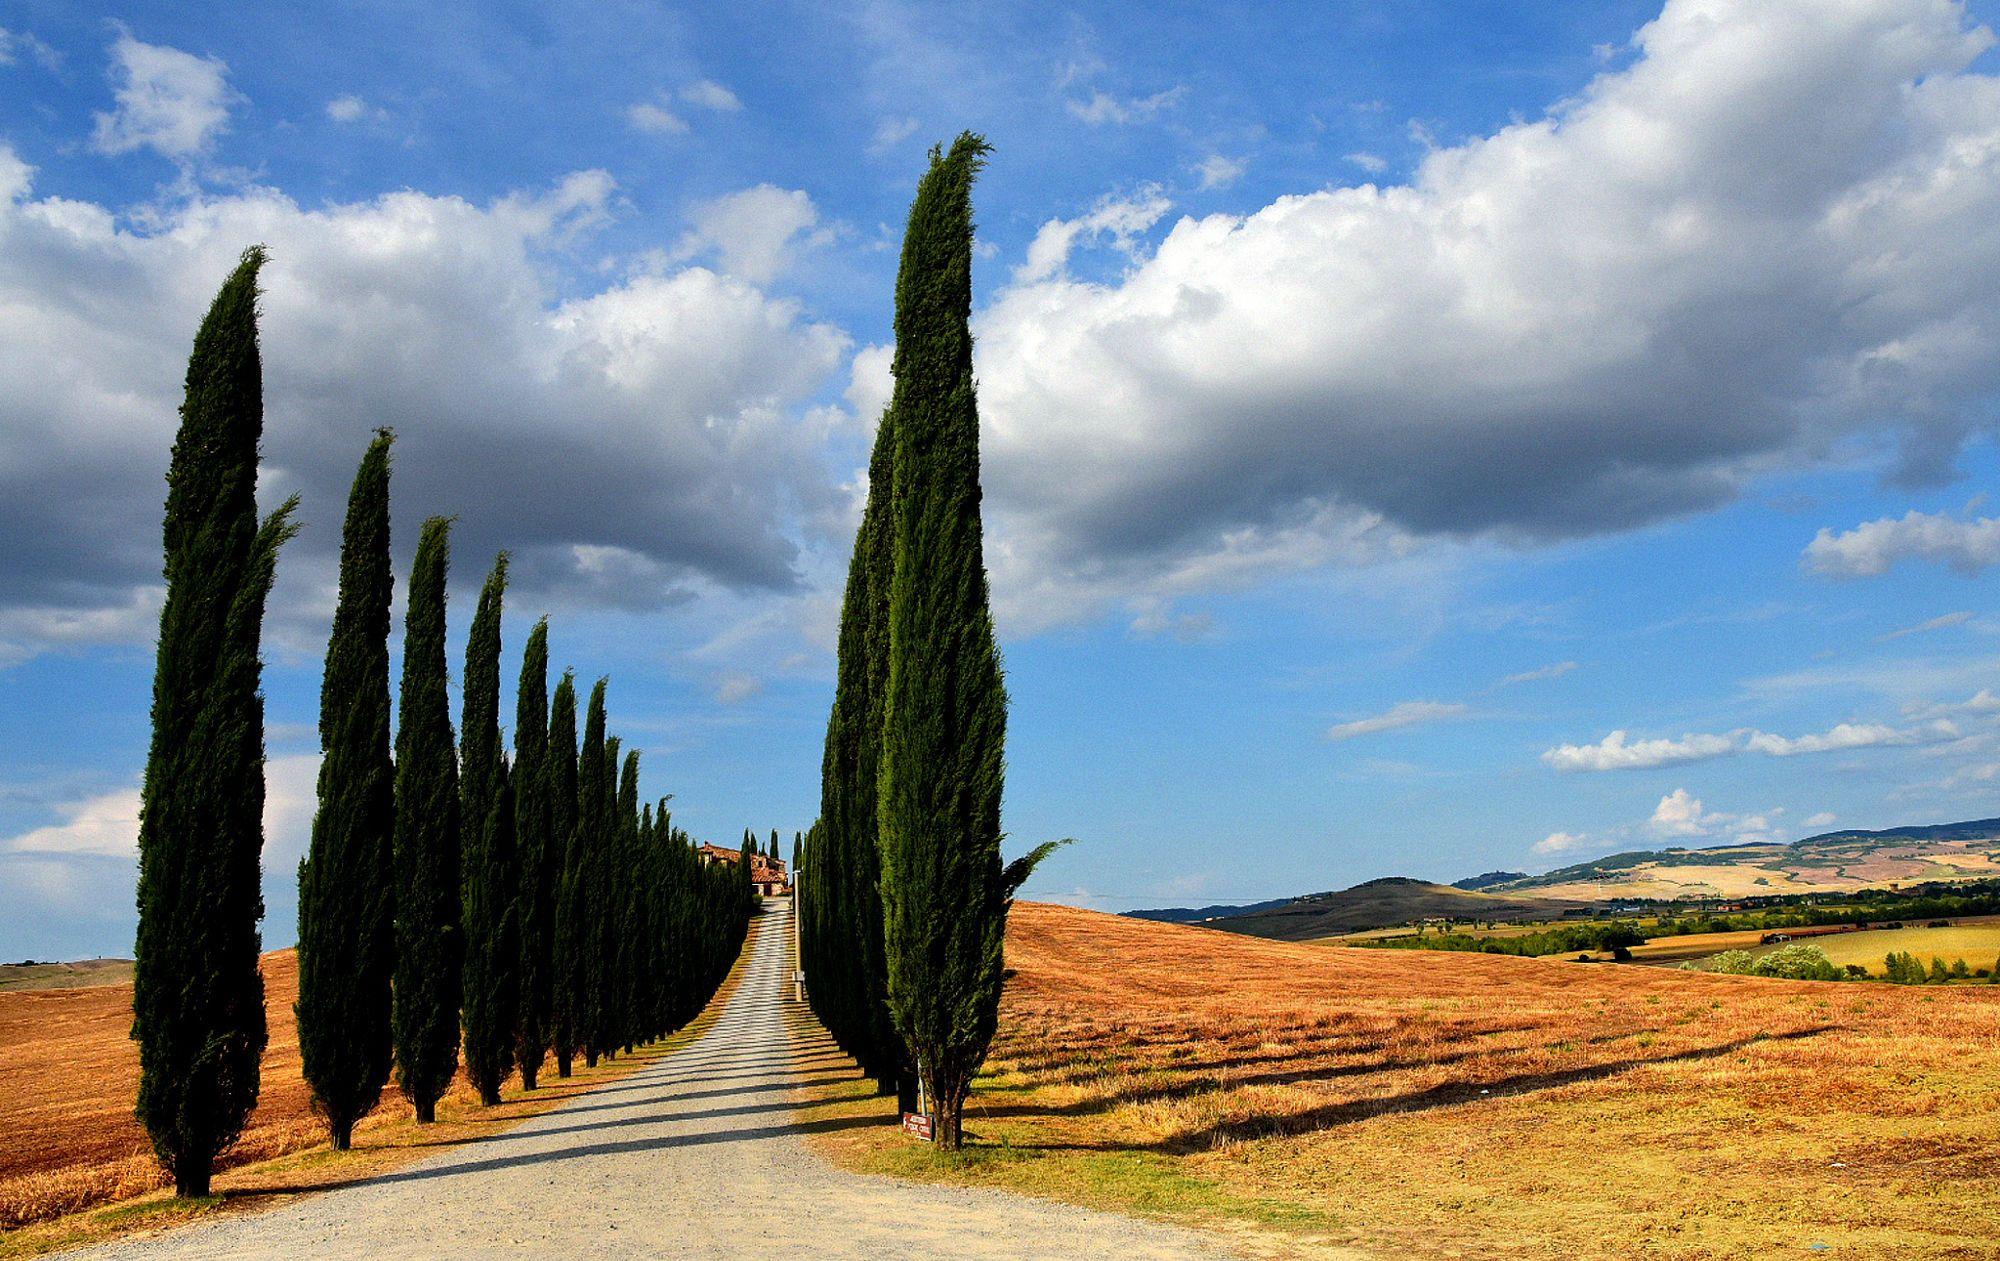 I Cipressi di Poggio Covoli (Val d Orcia Toscana Italy)  Landscapes photo by AngeloBalange http://rarme.com/?F9gZi